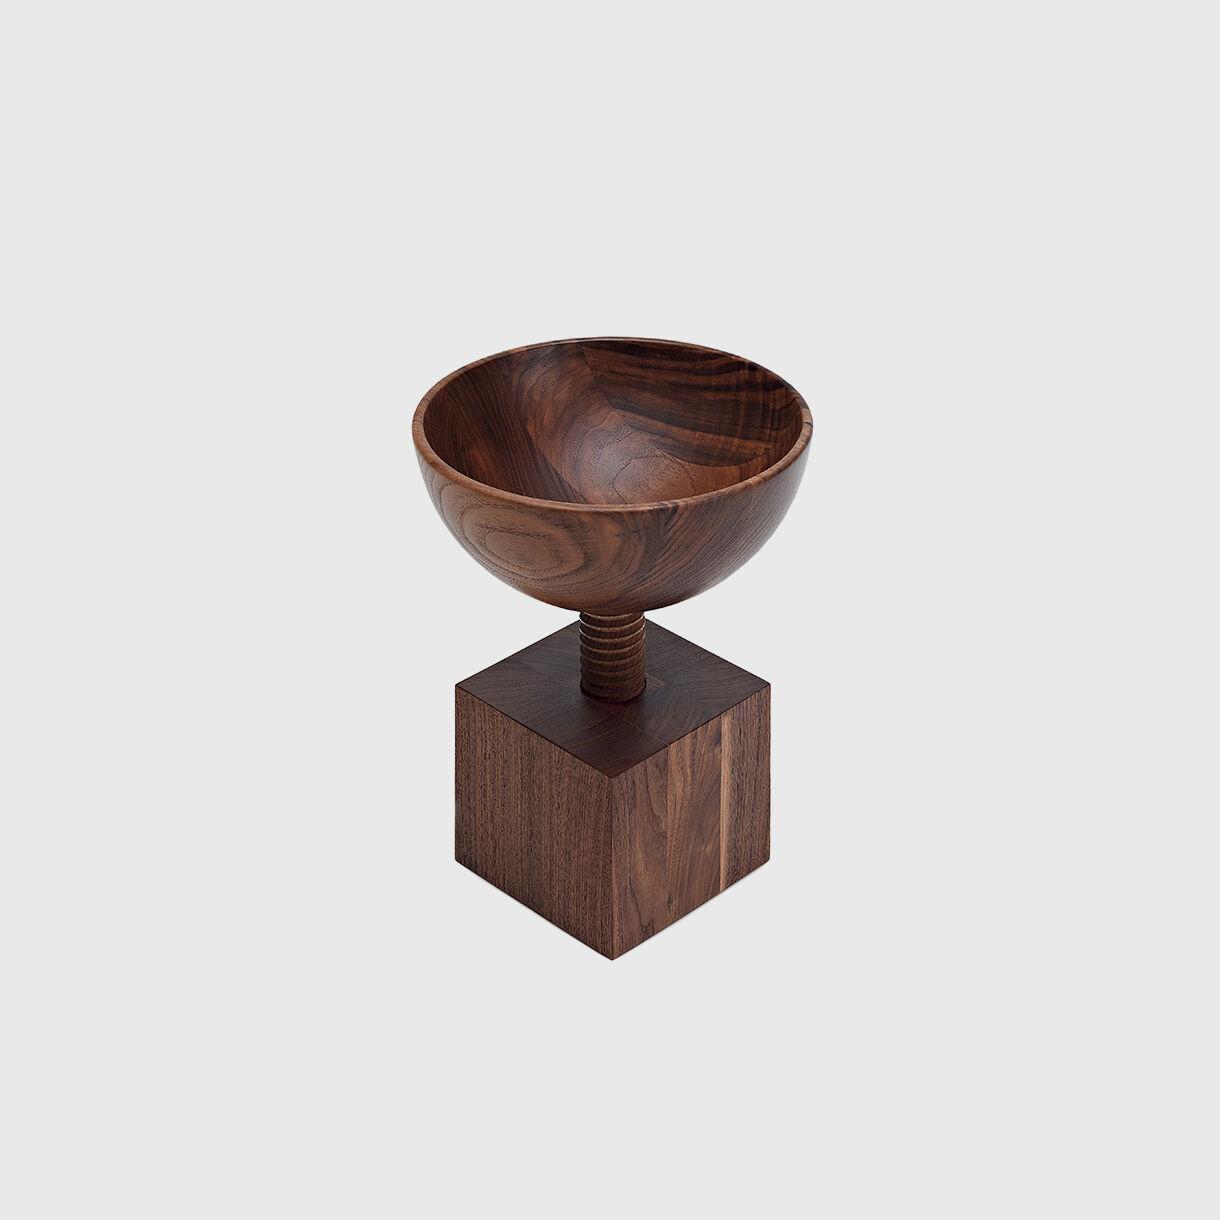 Vijak Bowl, American Black Walnut